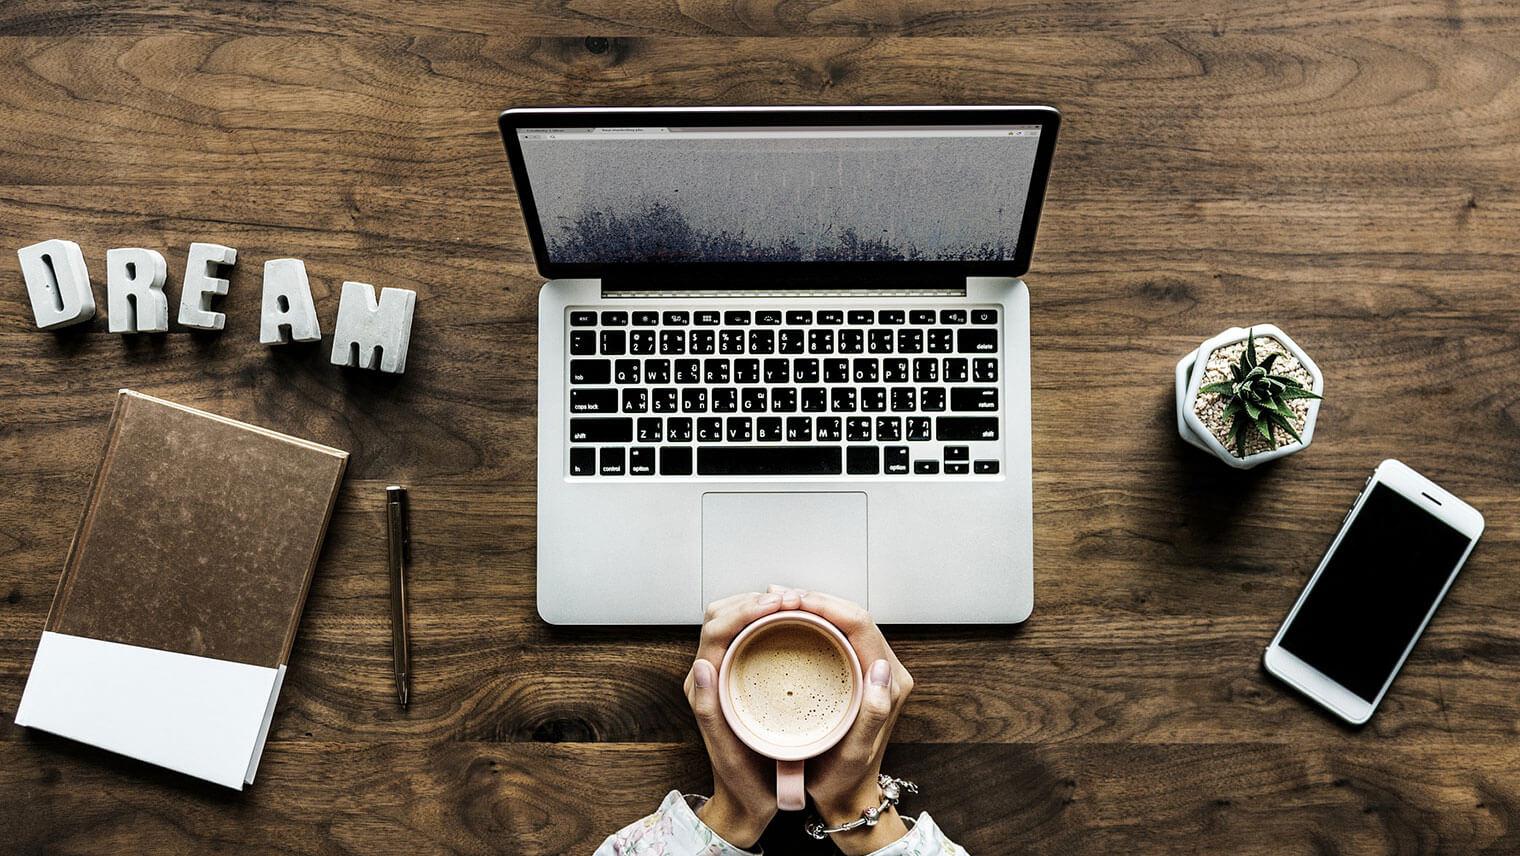 木の机の上に置かれたPCの前で、カフェラテを両手で抱えた女性の画像